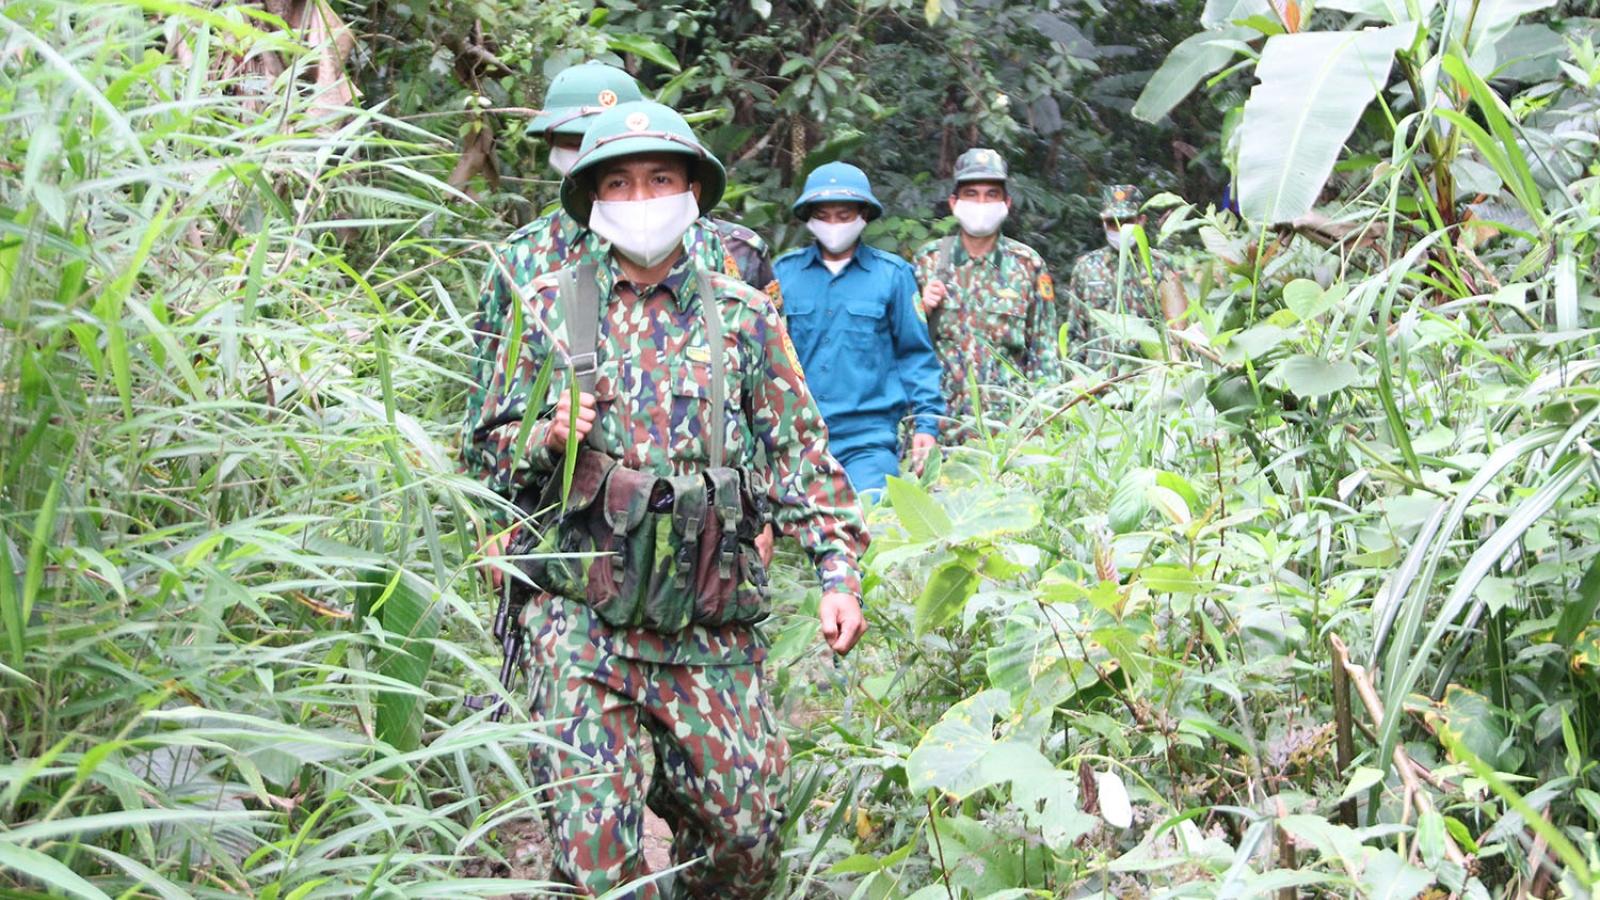 Quảng Nam tăng cường kiểm soát biên giới, phòng chống dịch Covid-19